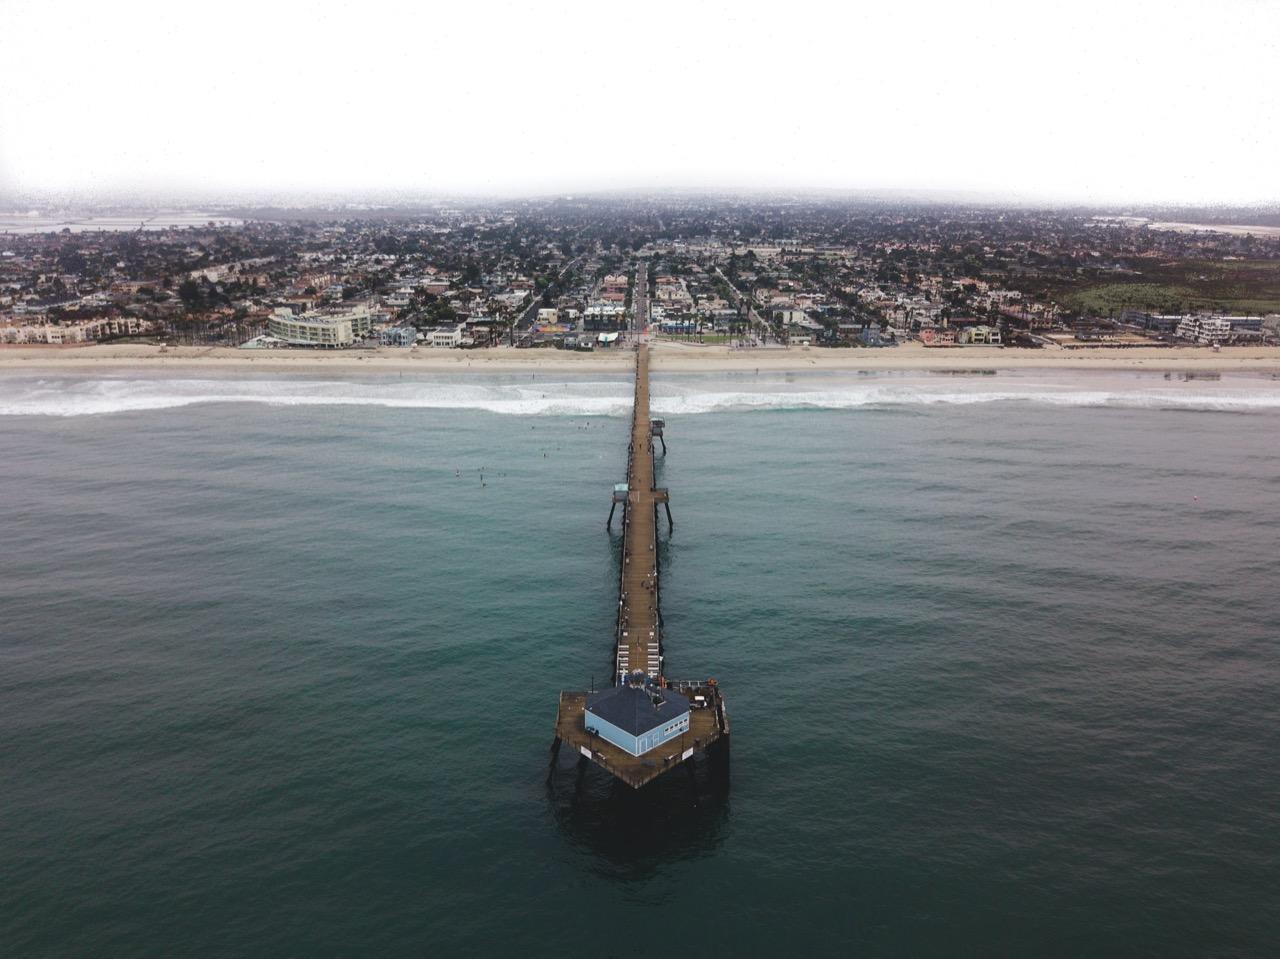 Imperial beach in California